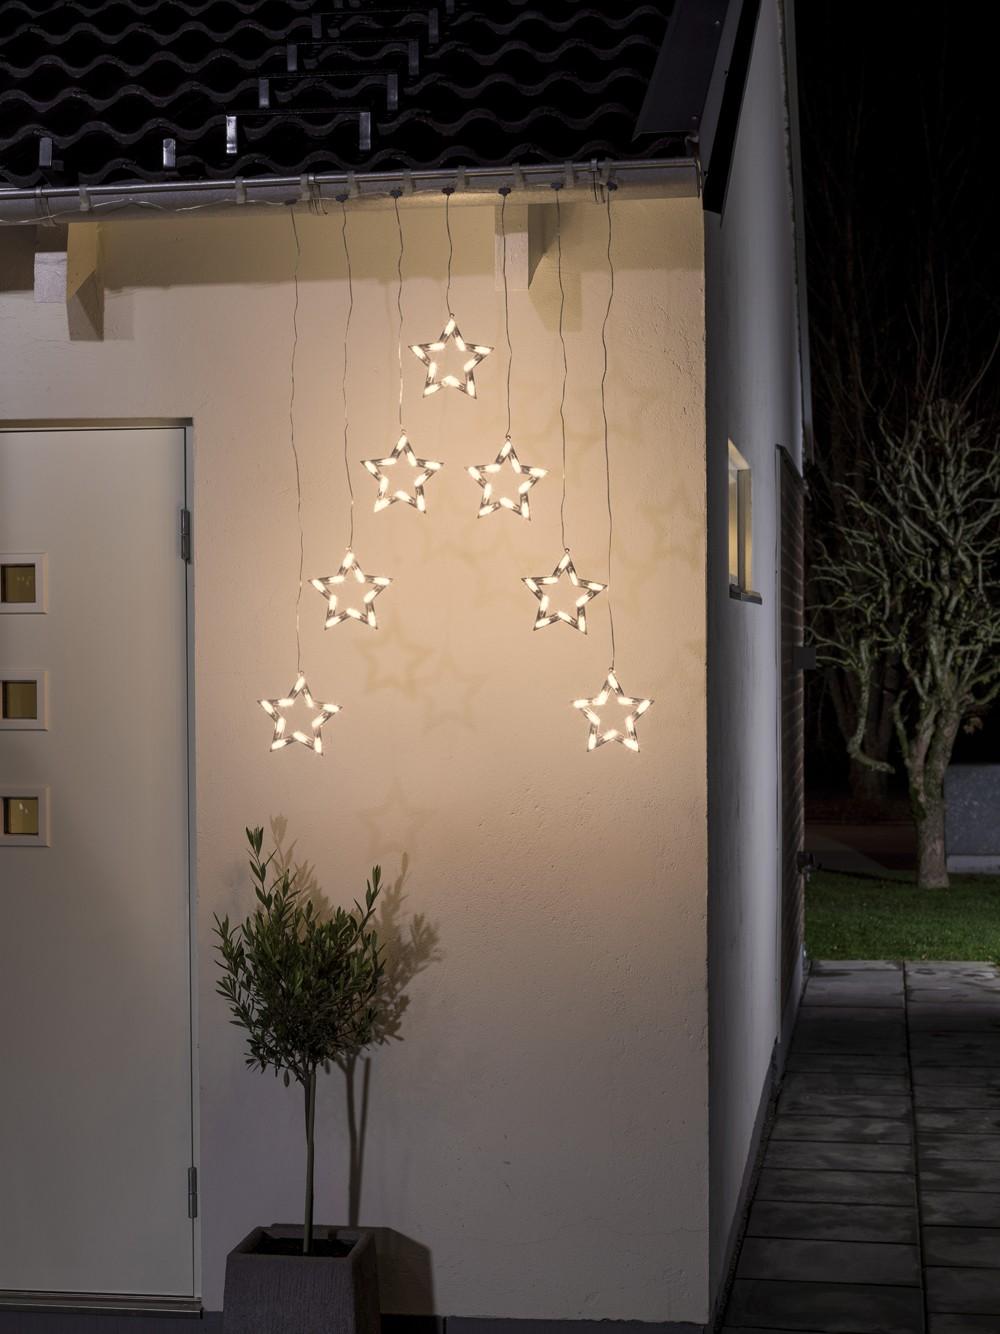 Weihnachtsbeleuchtung Aussen Ersatzbirnen.Weihnachtsbeleuchtung Konstsmide Außen Lichtervorhang Led 7 Sterne